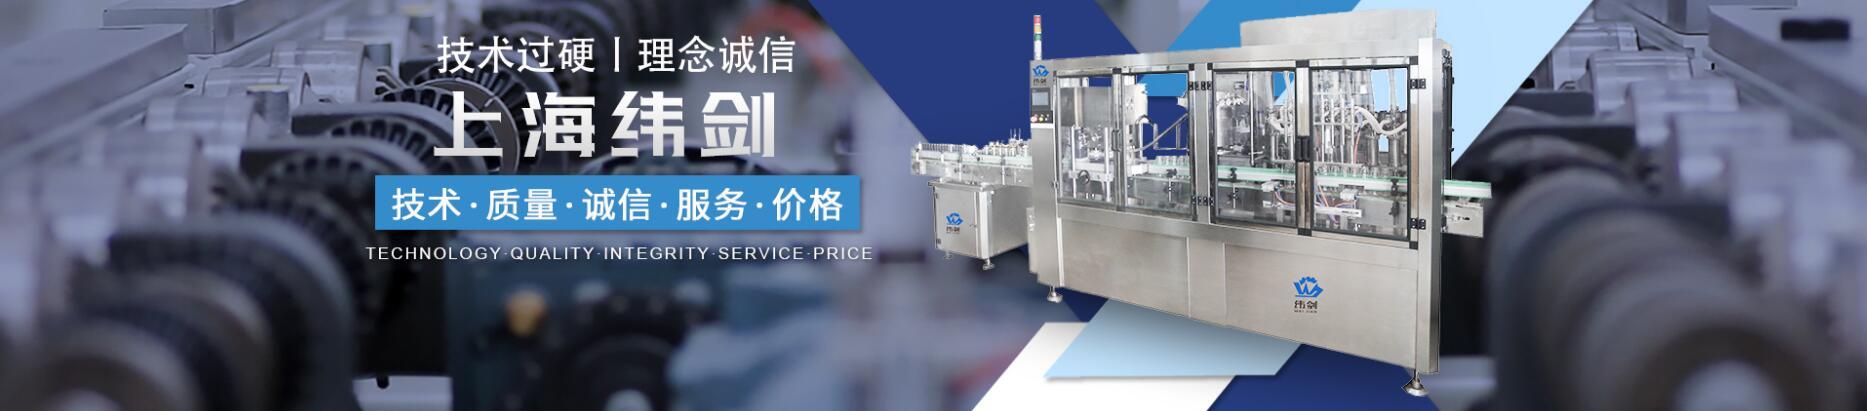 上海緯劍機械有限公司公司介紹